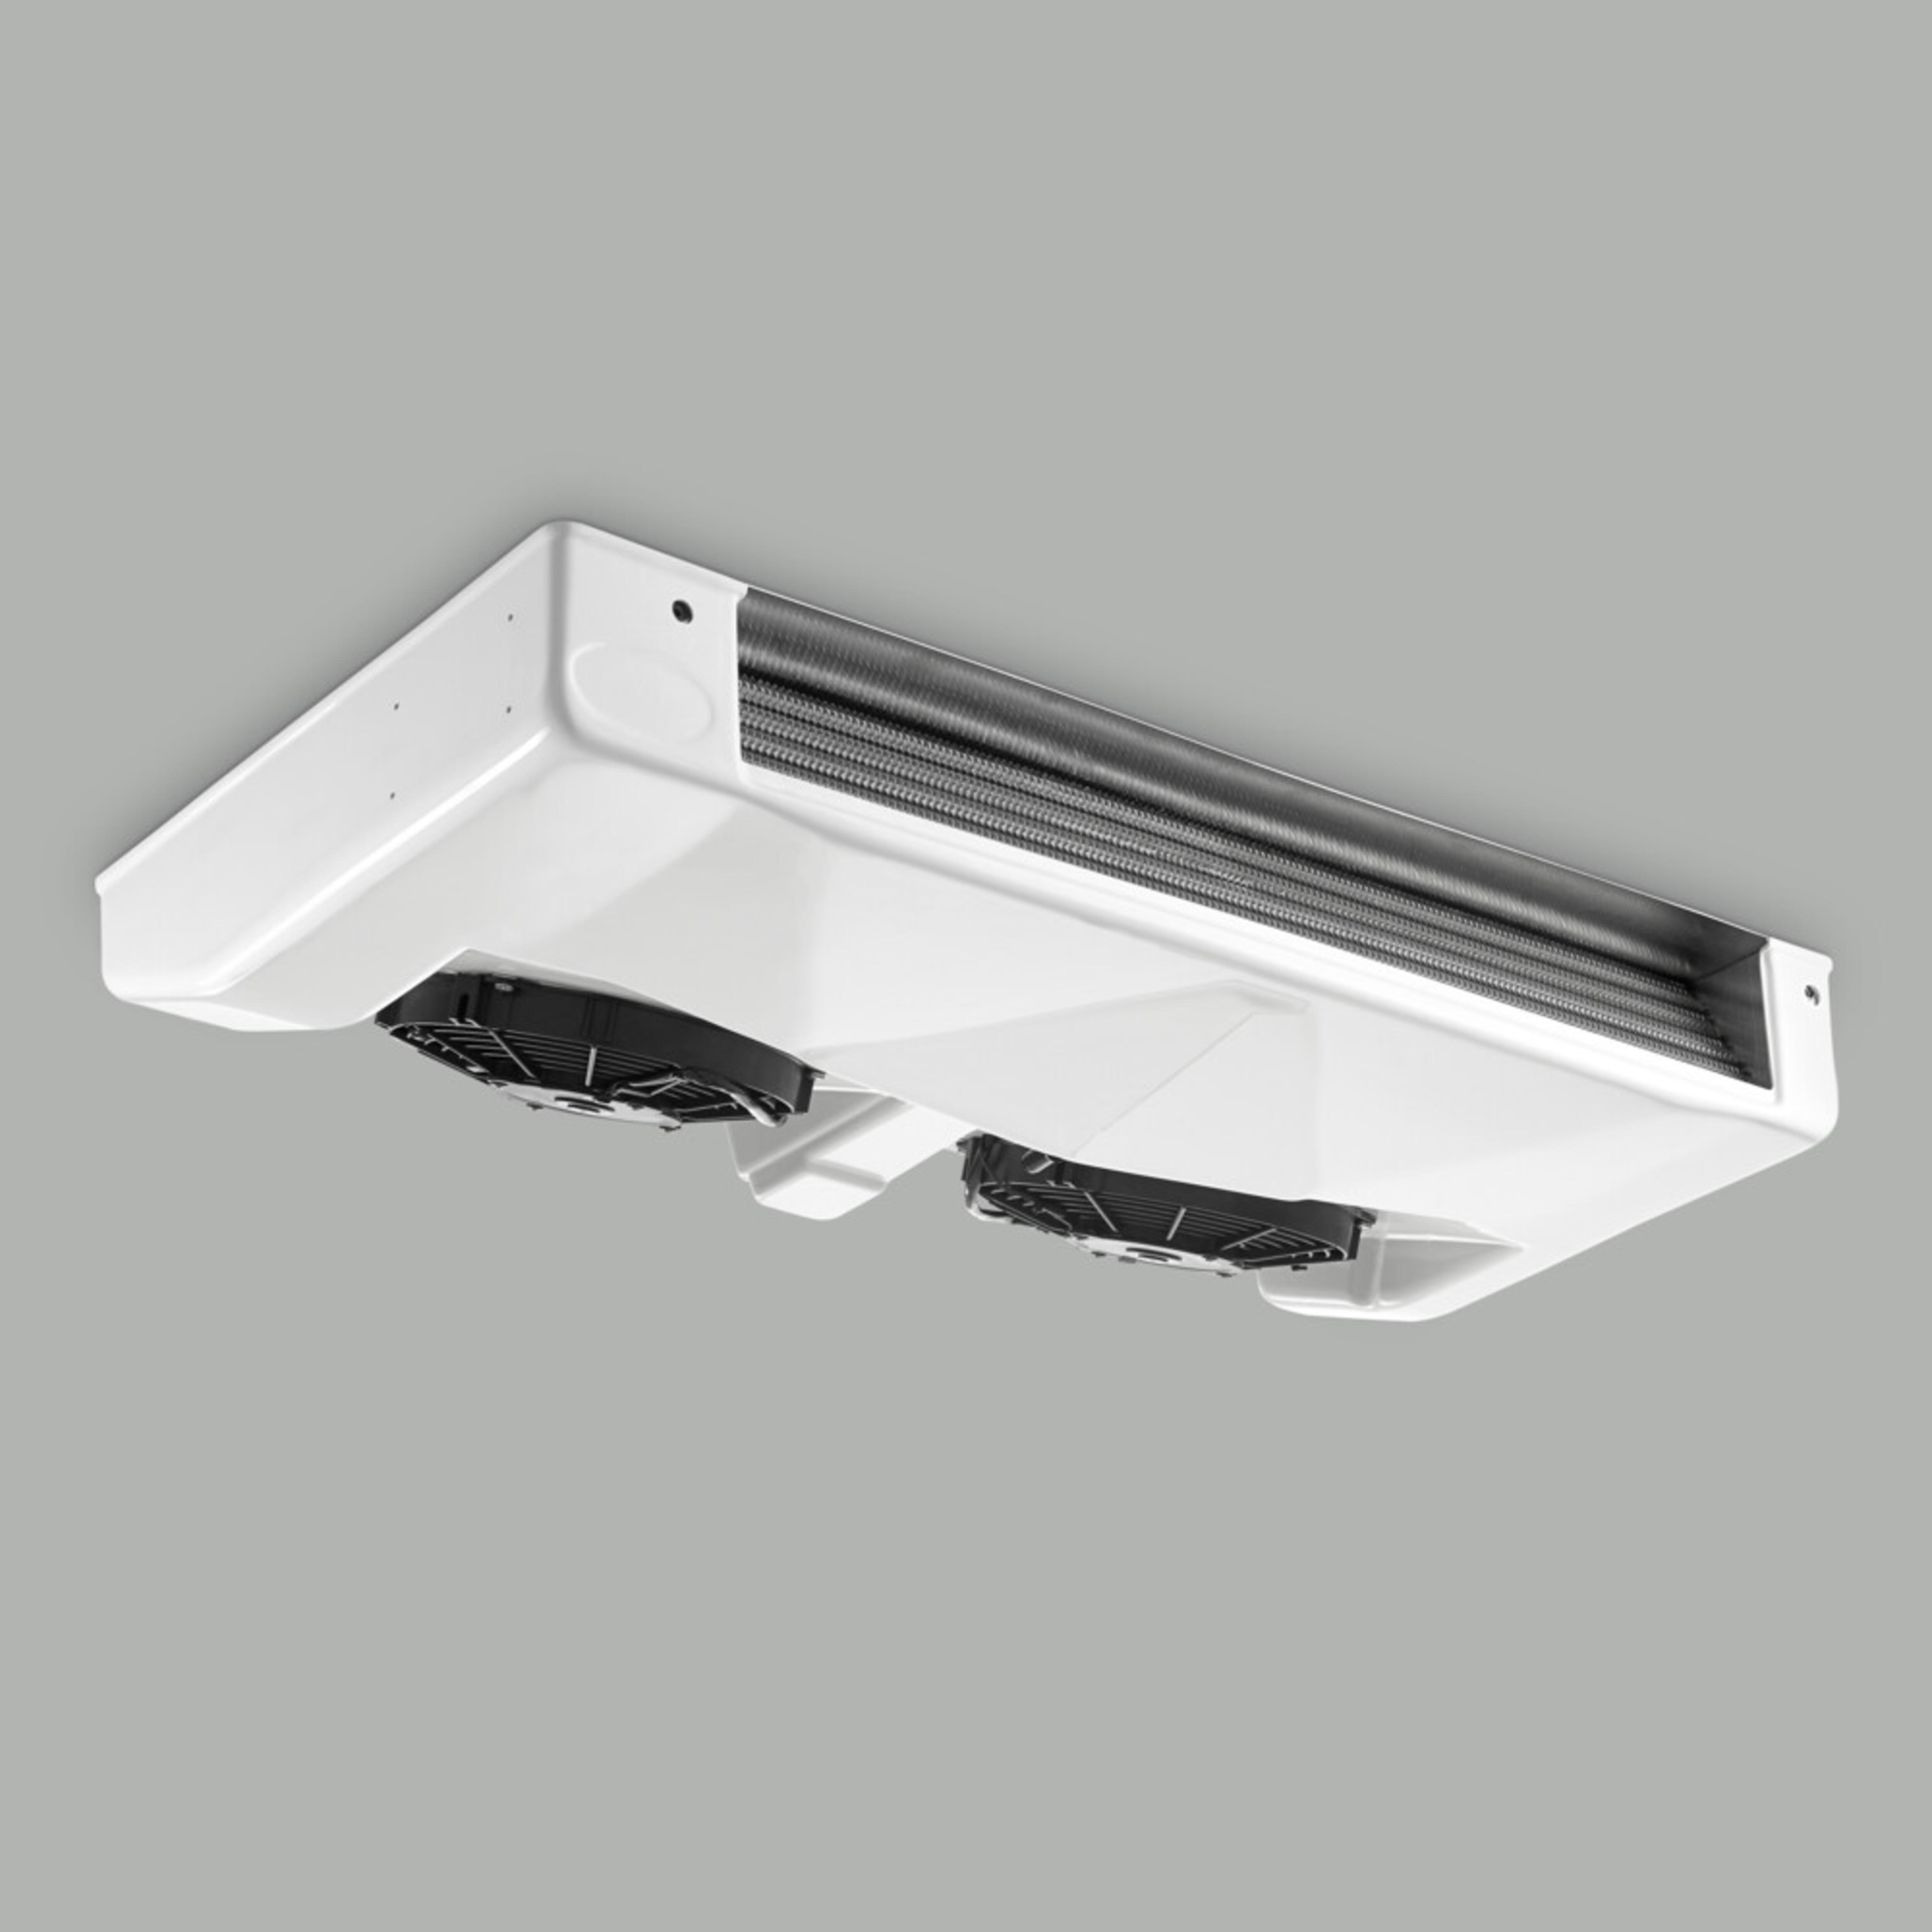 Dometic Frigo DC 3500